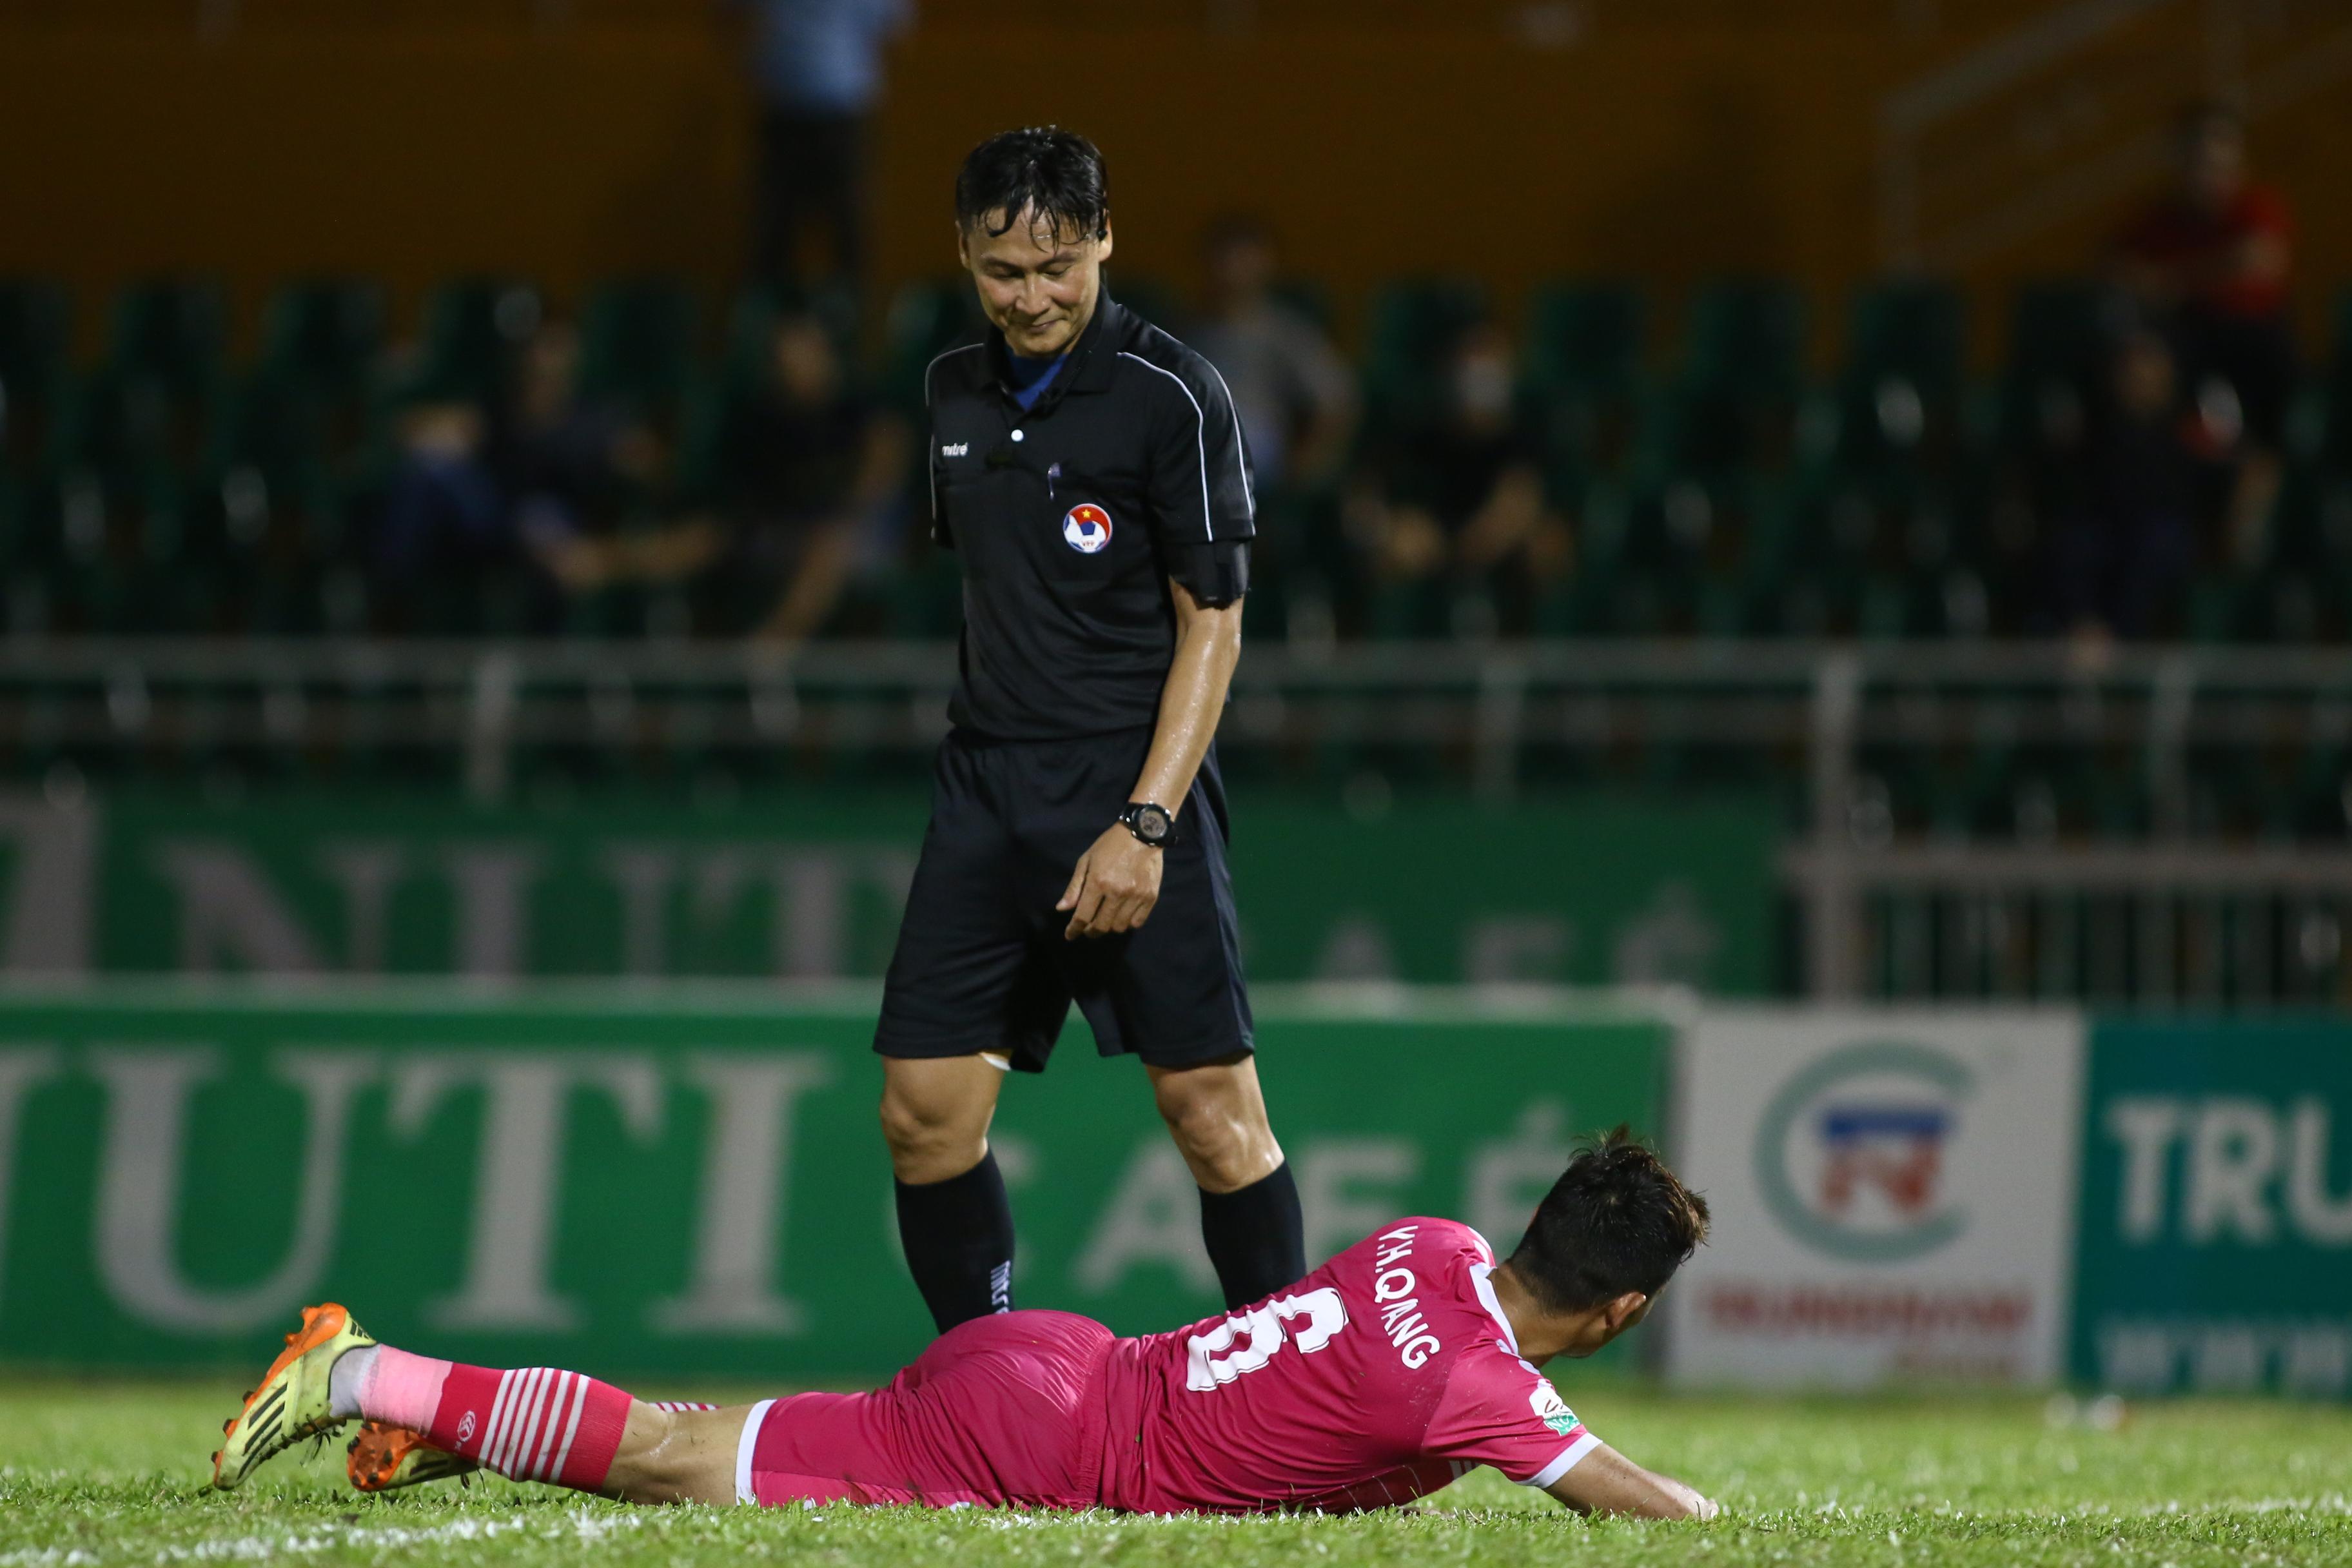 Siêu phẩm 40m của ngoại binh giúp Cần Thơ đánh bại chủ nhà Sài Gòn FC - Bóng Đá